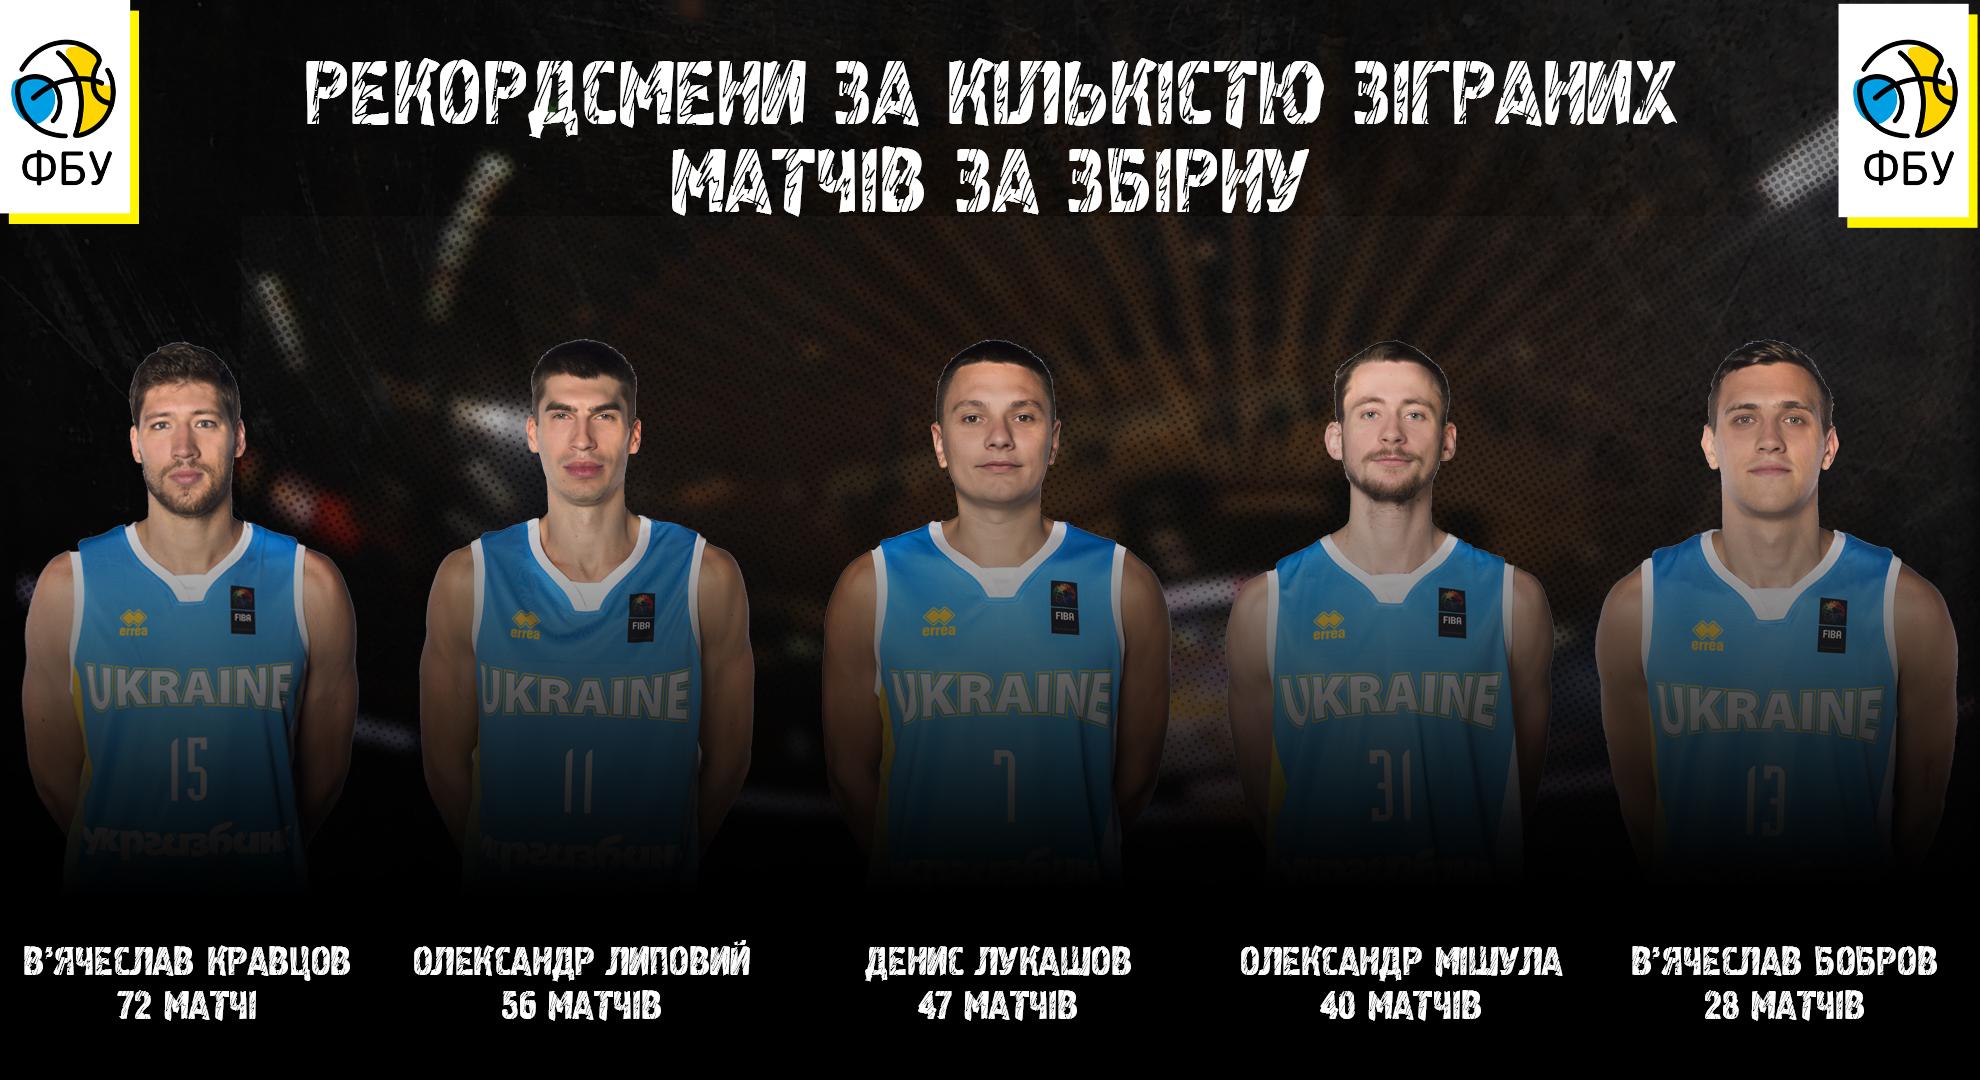 ФБУ назвала топ-5 гравців збірної України за кількістю матчів